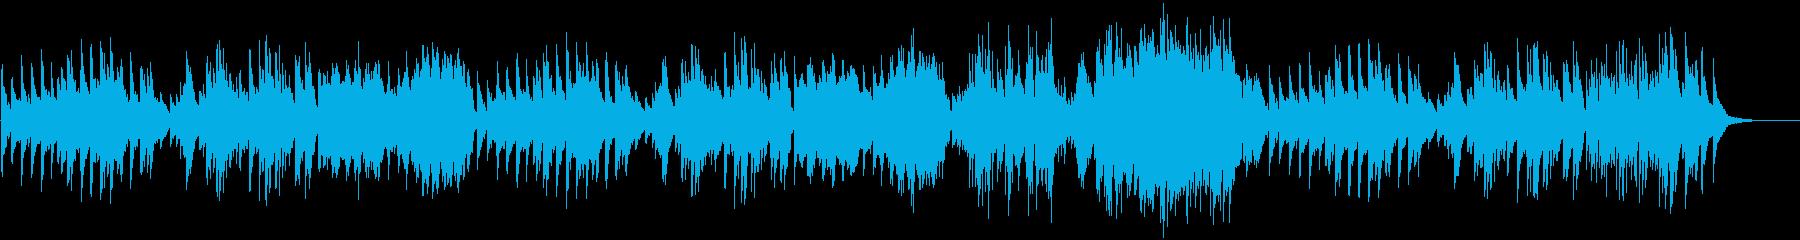 日常を思い描いたような温かいピアノソロの再生済みの波形